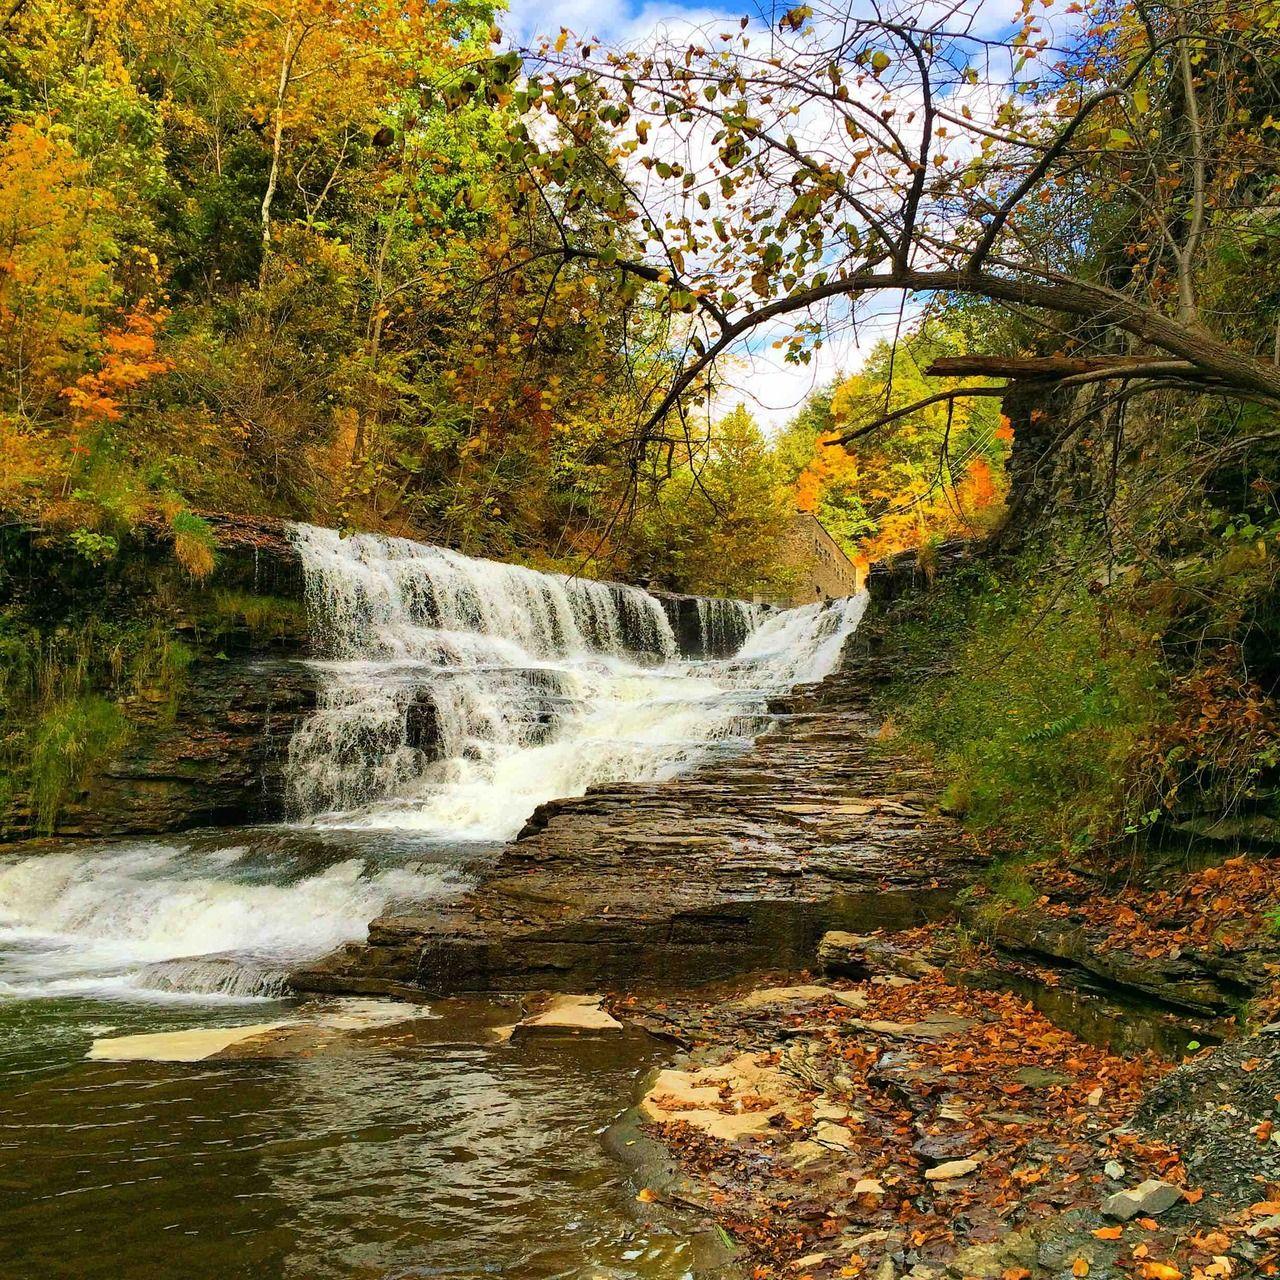 Cornell University, Ithaca, New York  Source: Capncook521